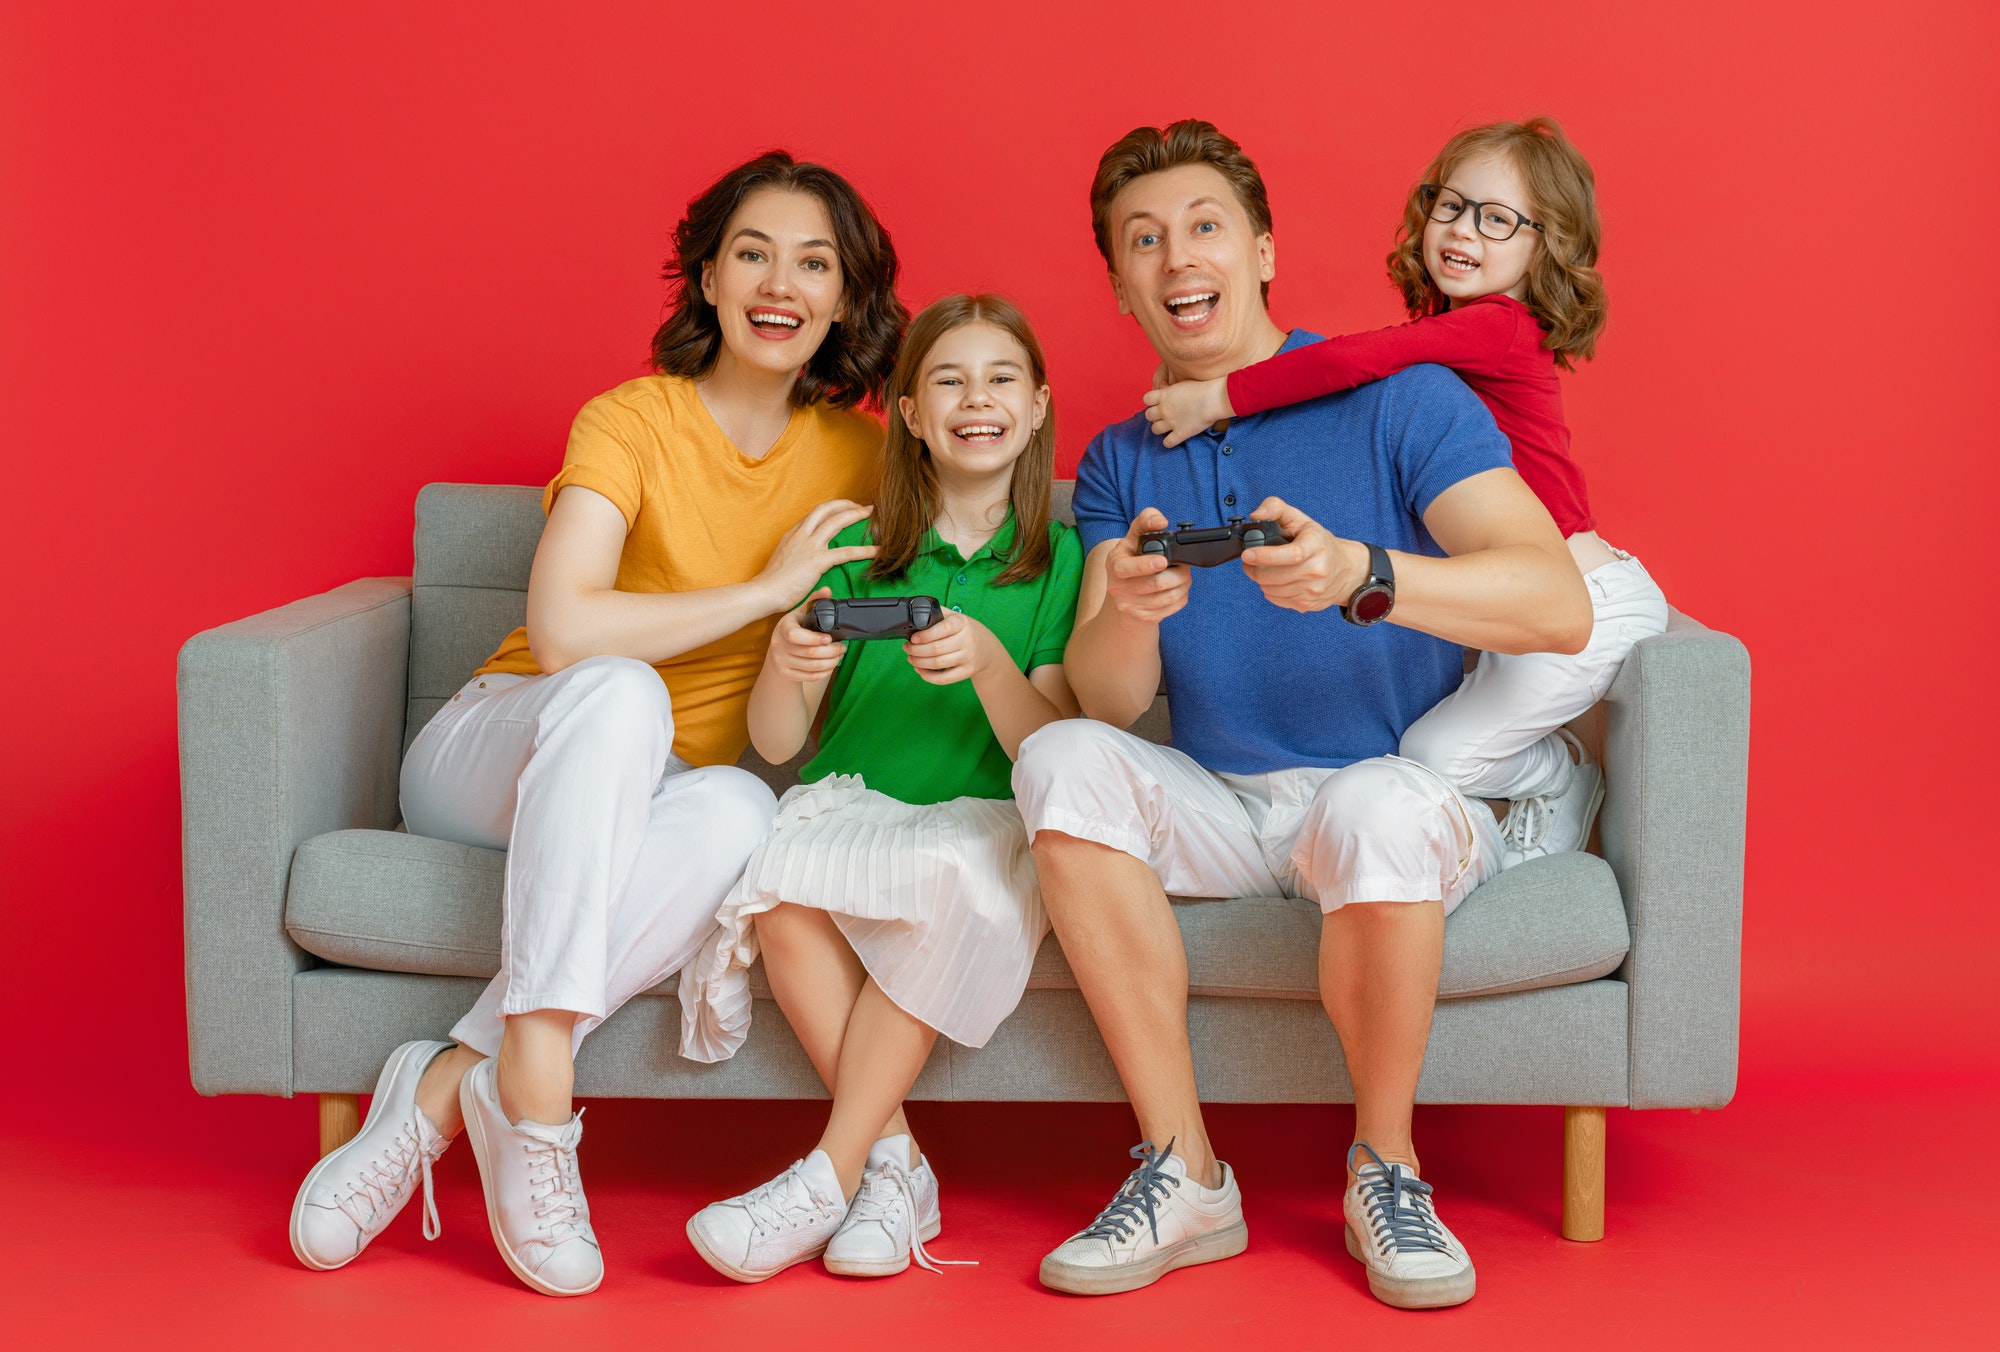 החשיבות הרבה של הקניית הרגלי משחק לילדים